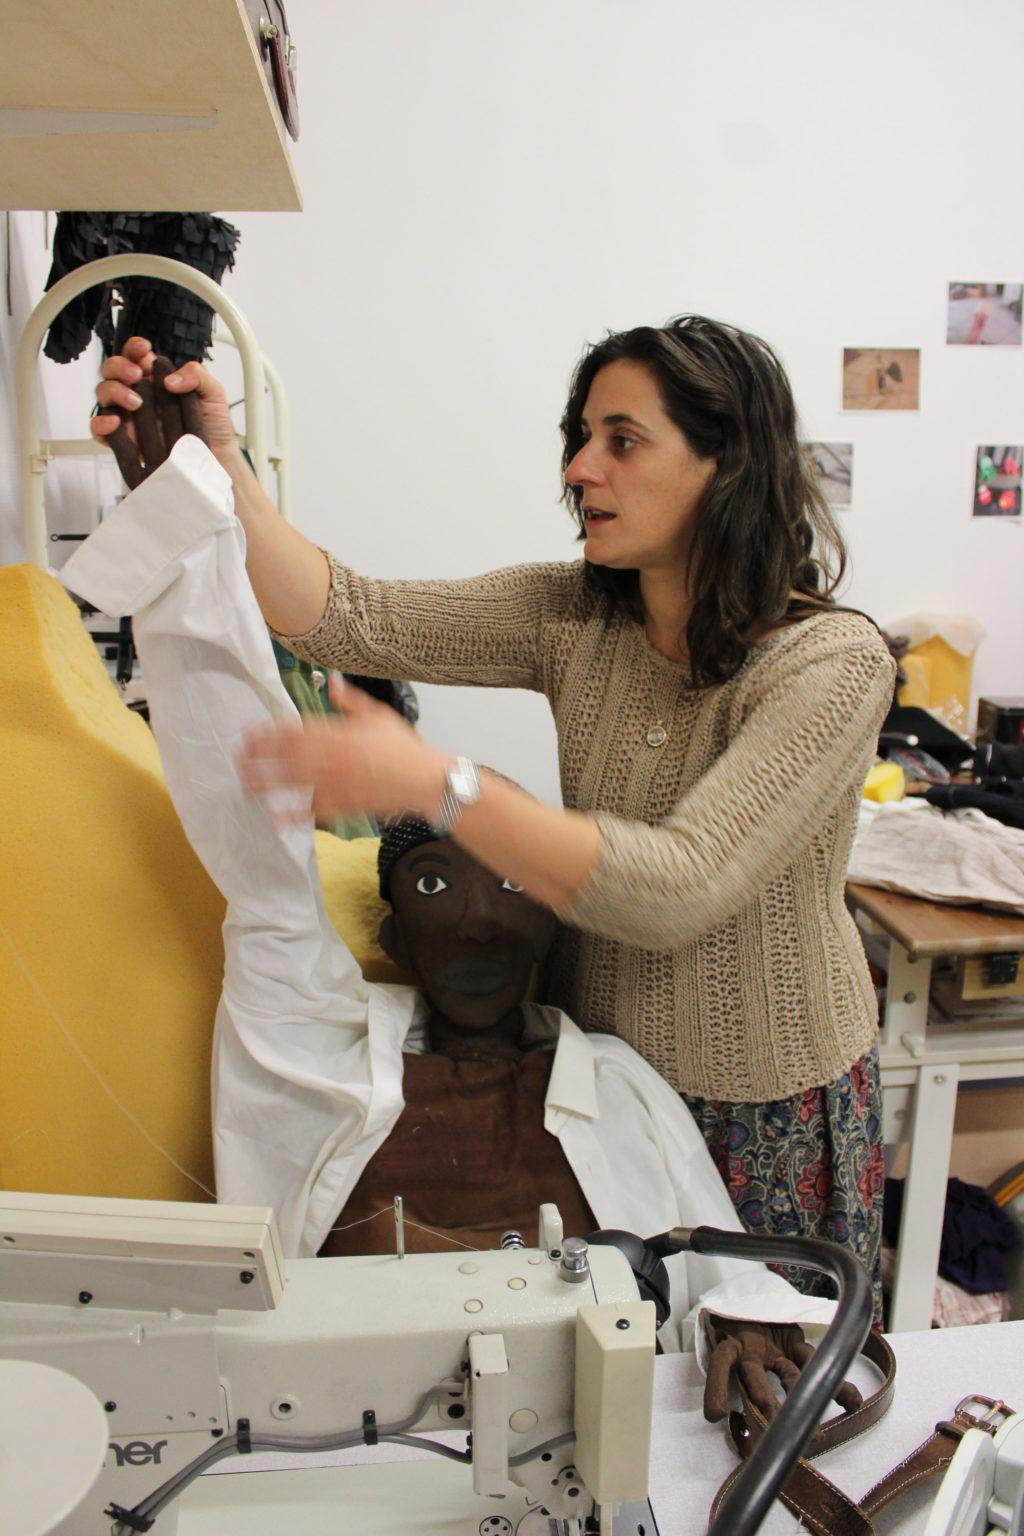 La marionnettiste Emilie Renaudier travaille dans son atelier